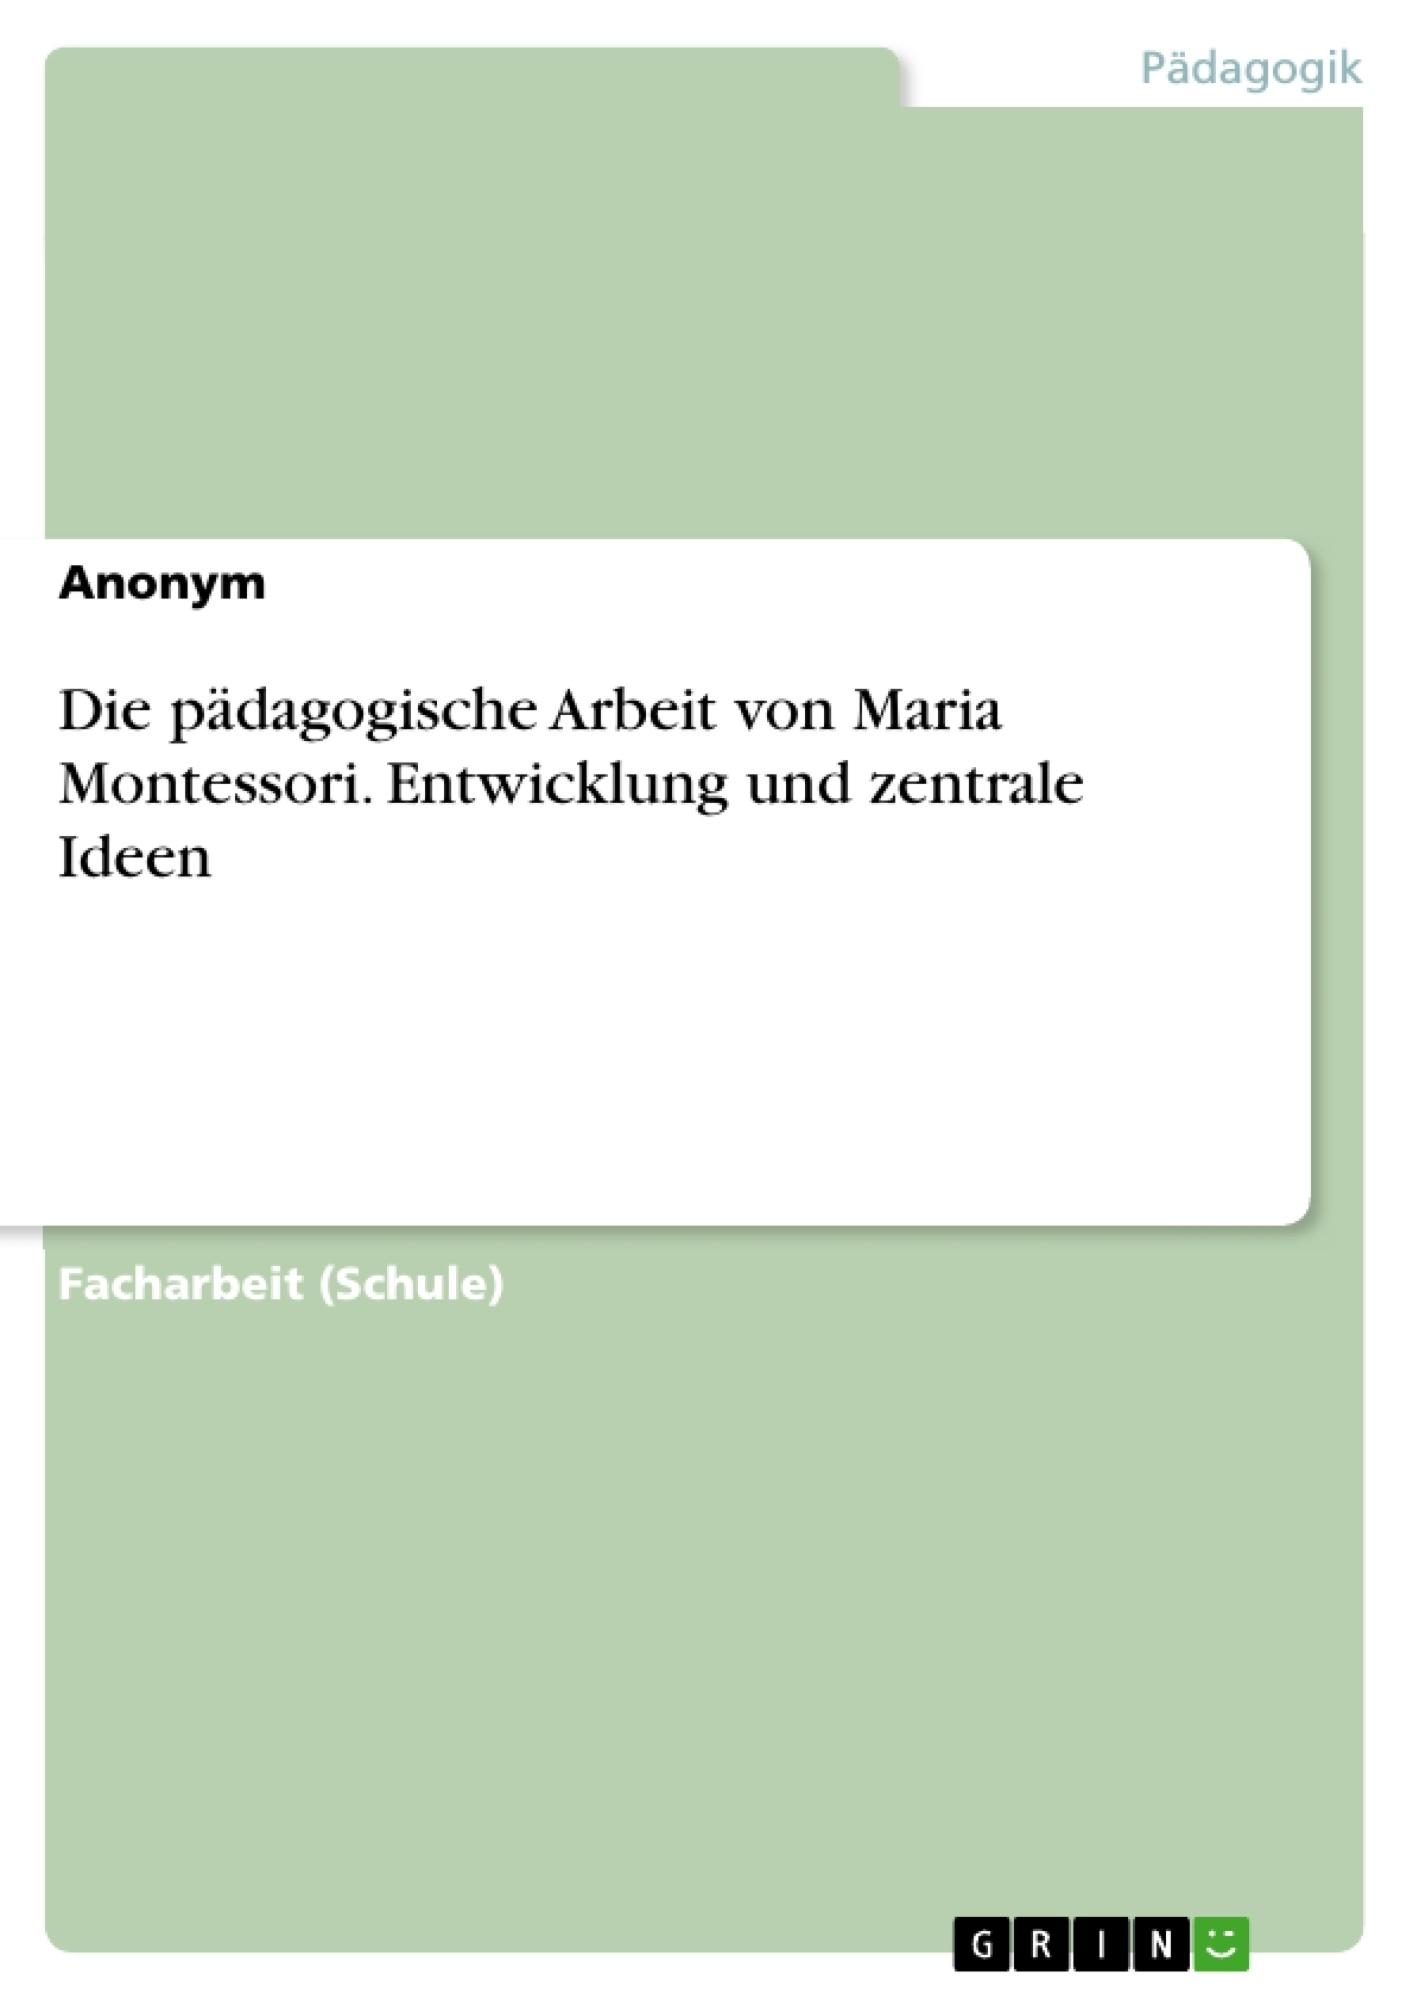 Titel: Die pädagogische Arbeit von Maria Montessori. Entwicklung und zentrale Ideen